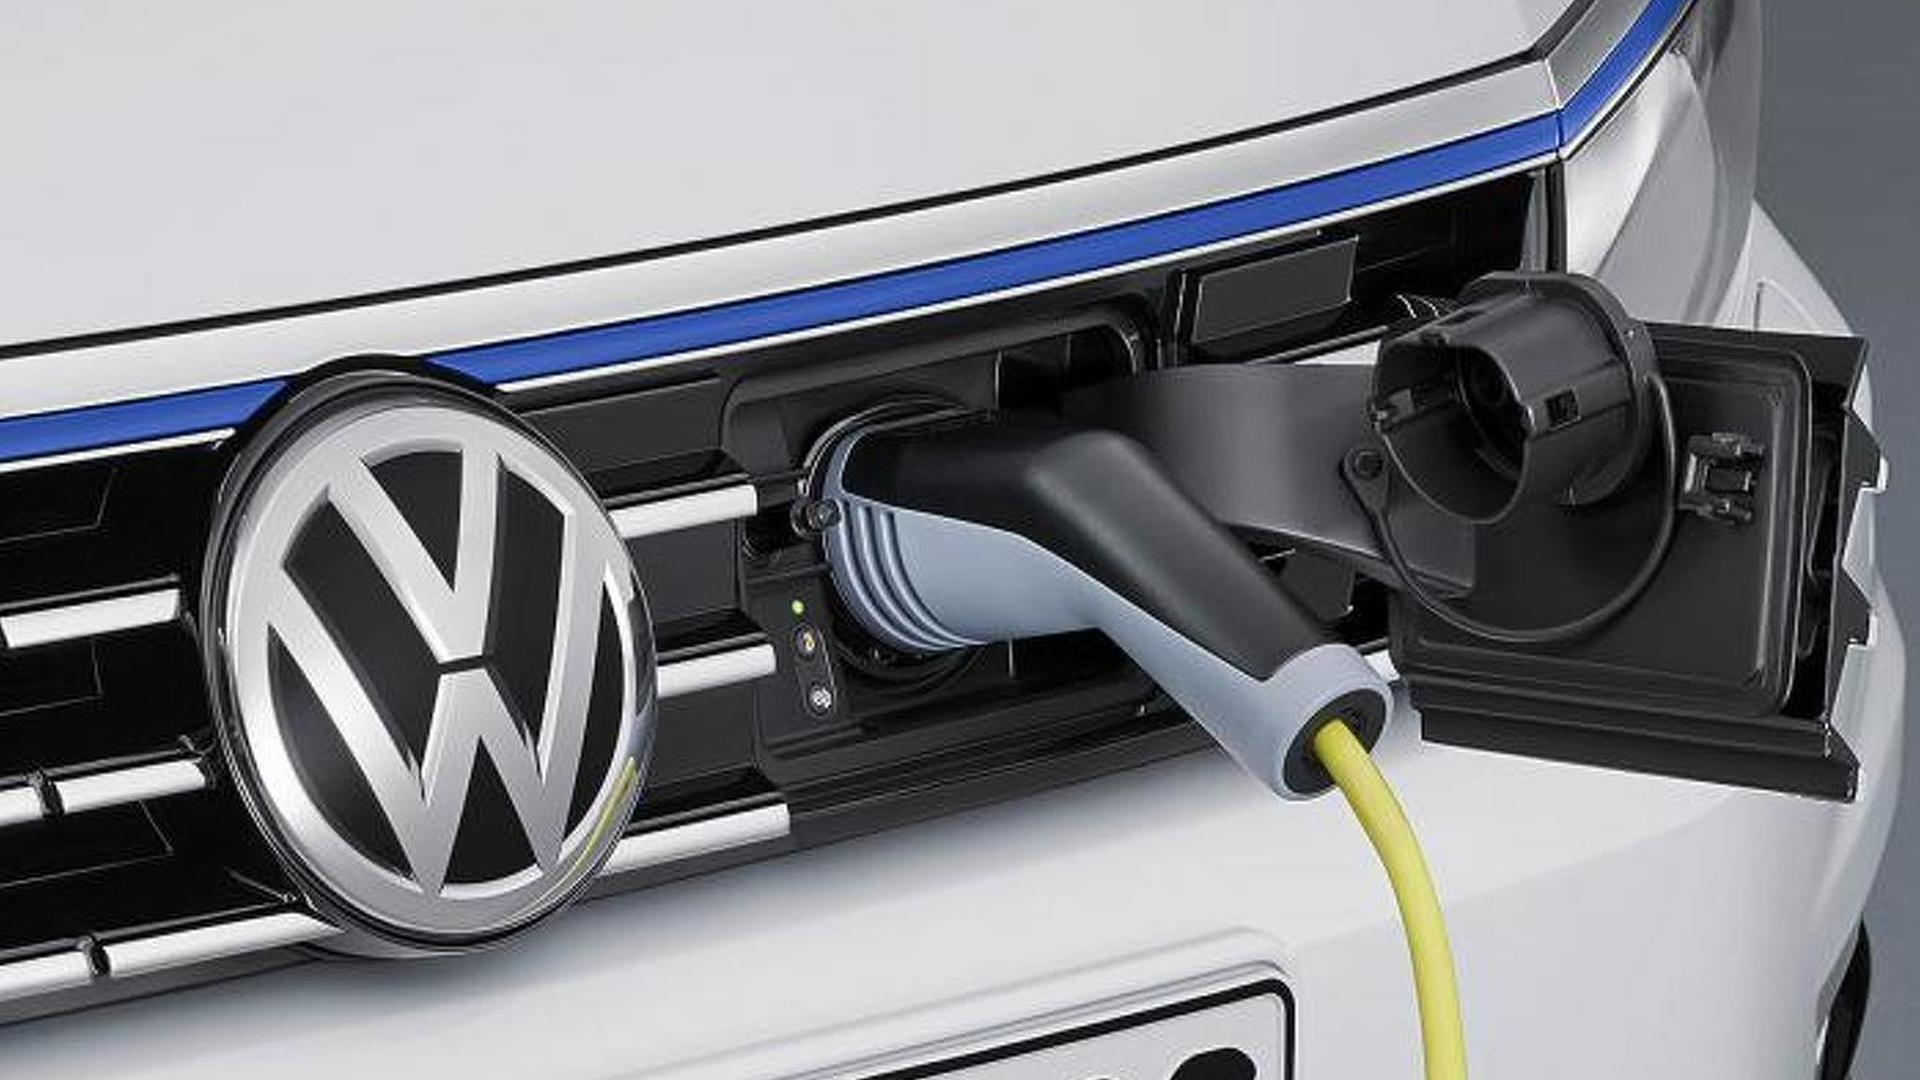 VW's EV concept in Paris previews models with 372-mile range